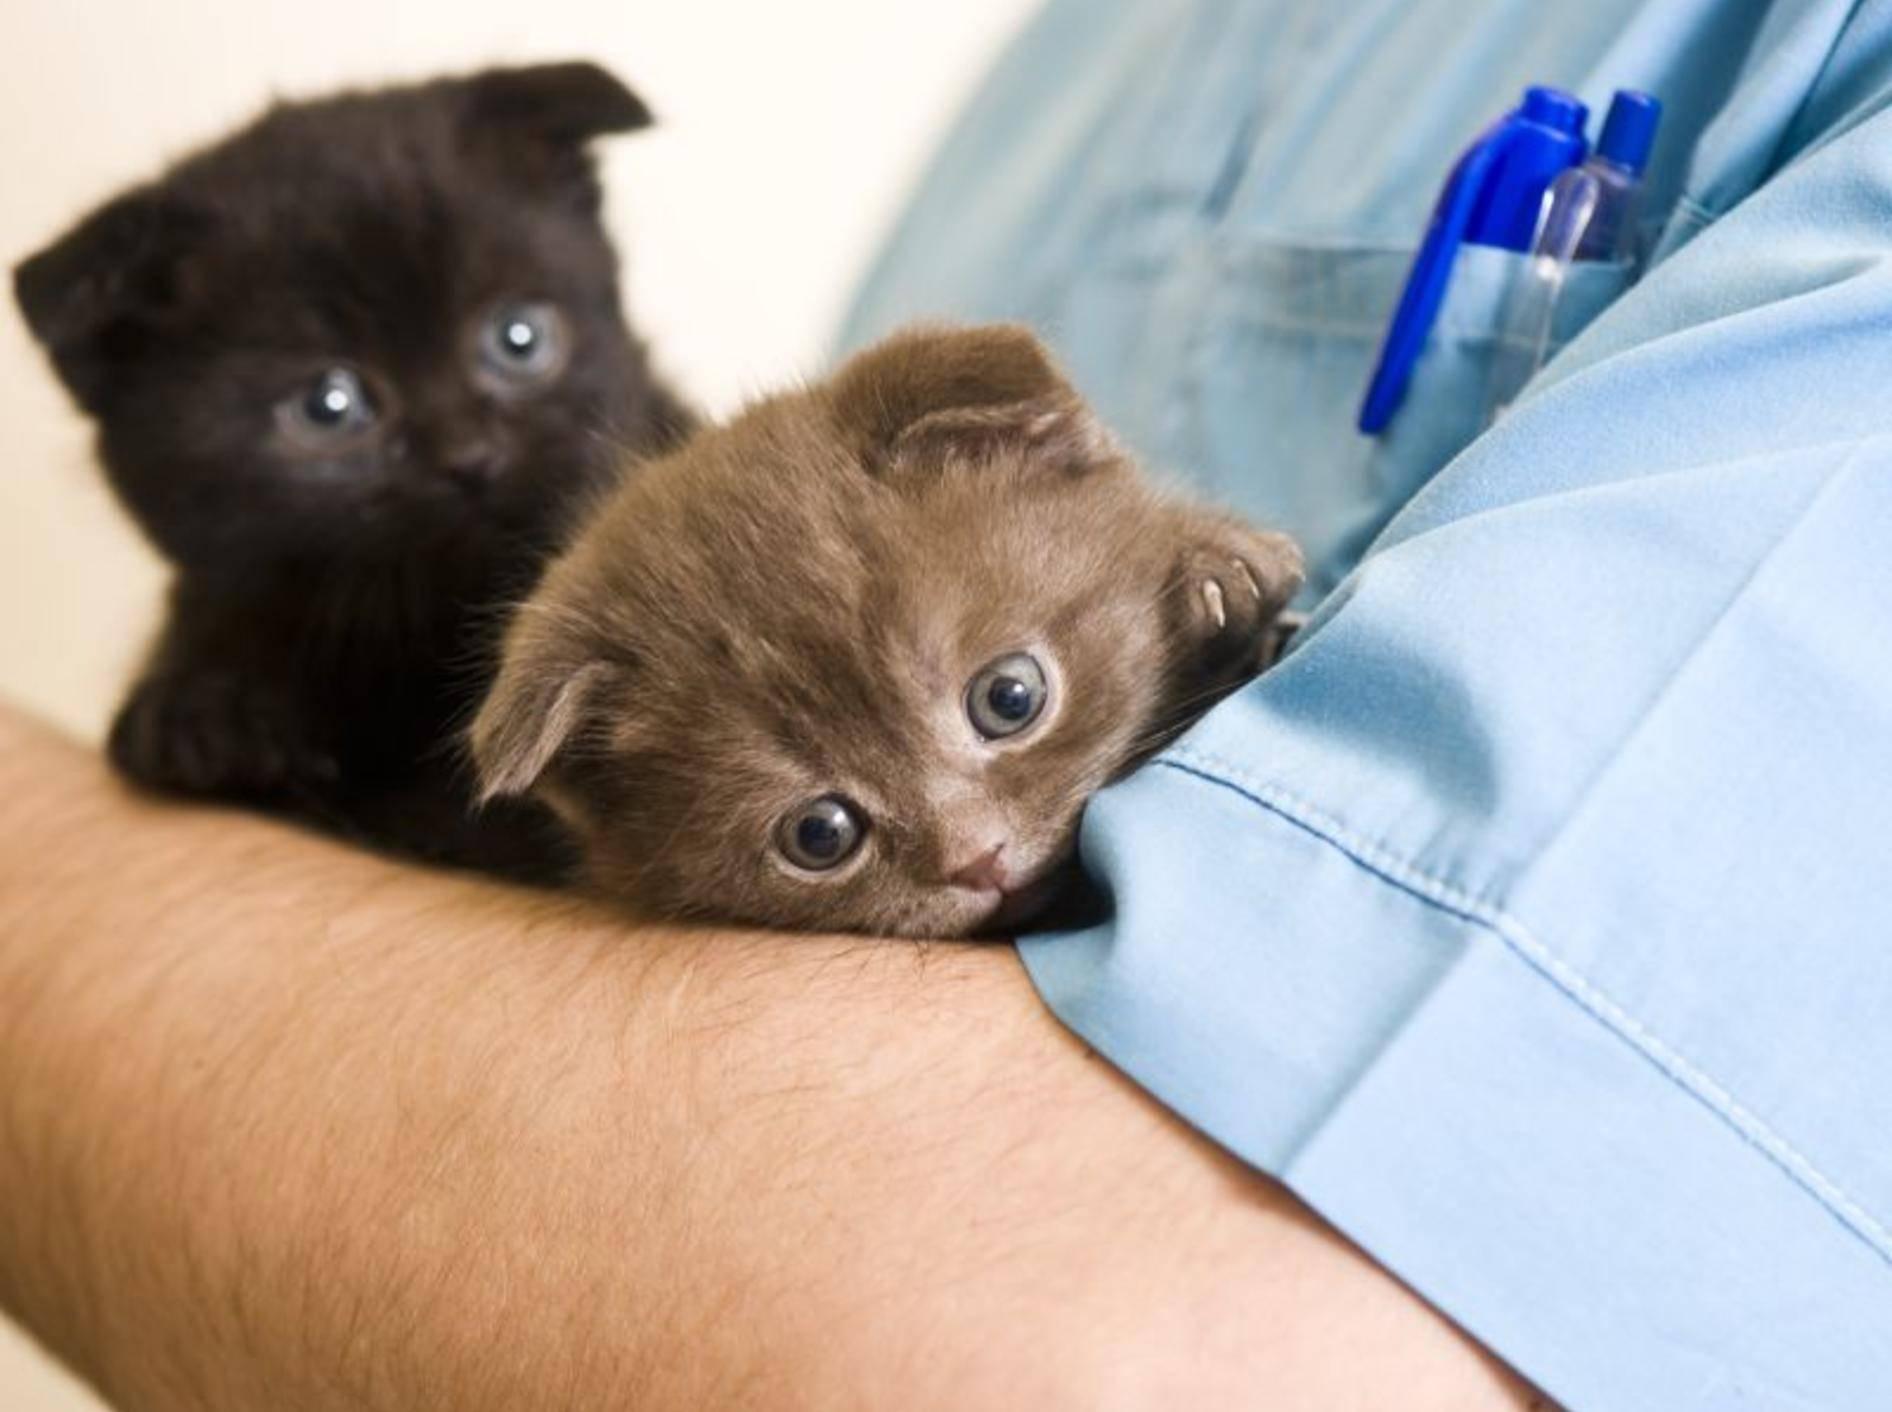 Angst vor dem Tierarzt ist bei vielen Katzen ein Problem – Bild: Shutterstock / Kachalkina Veronika